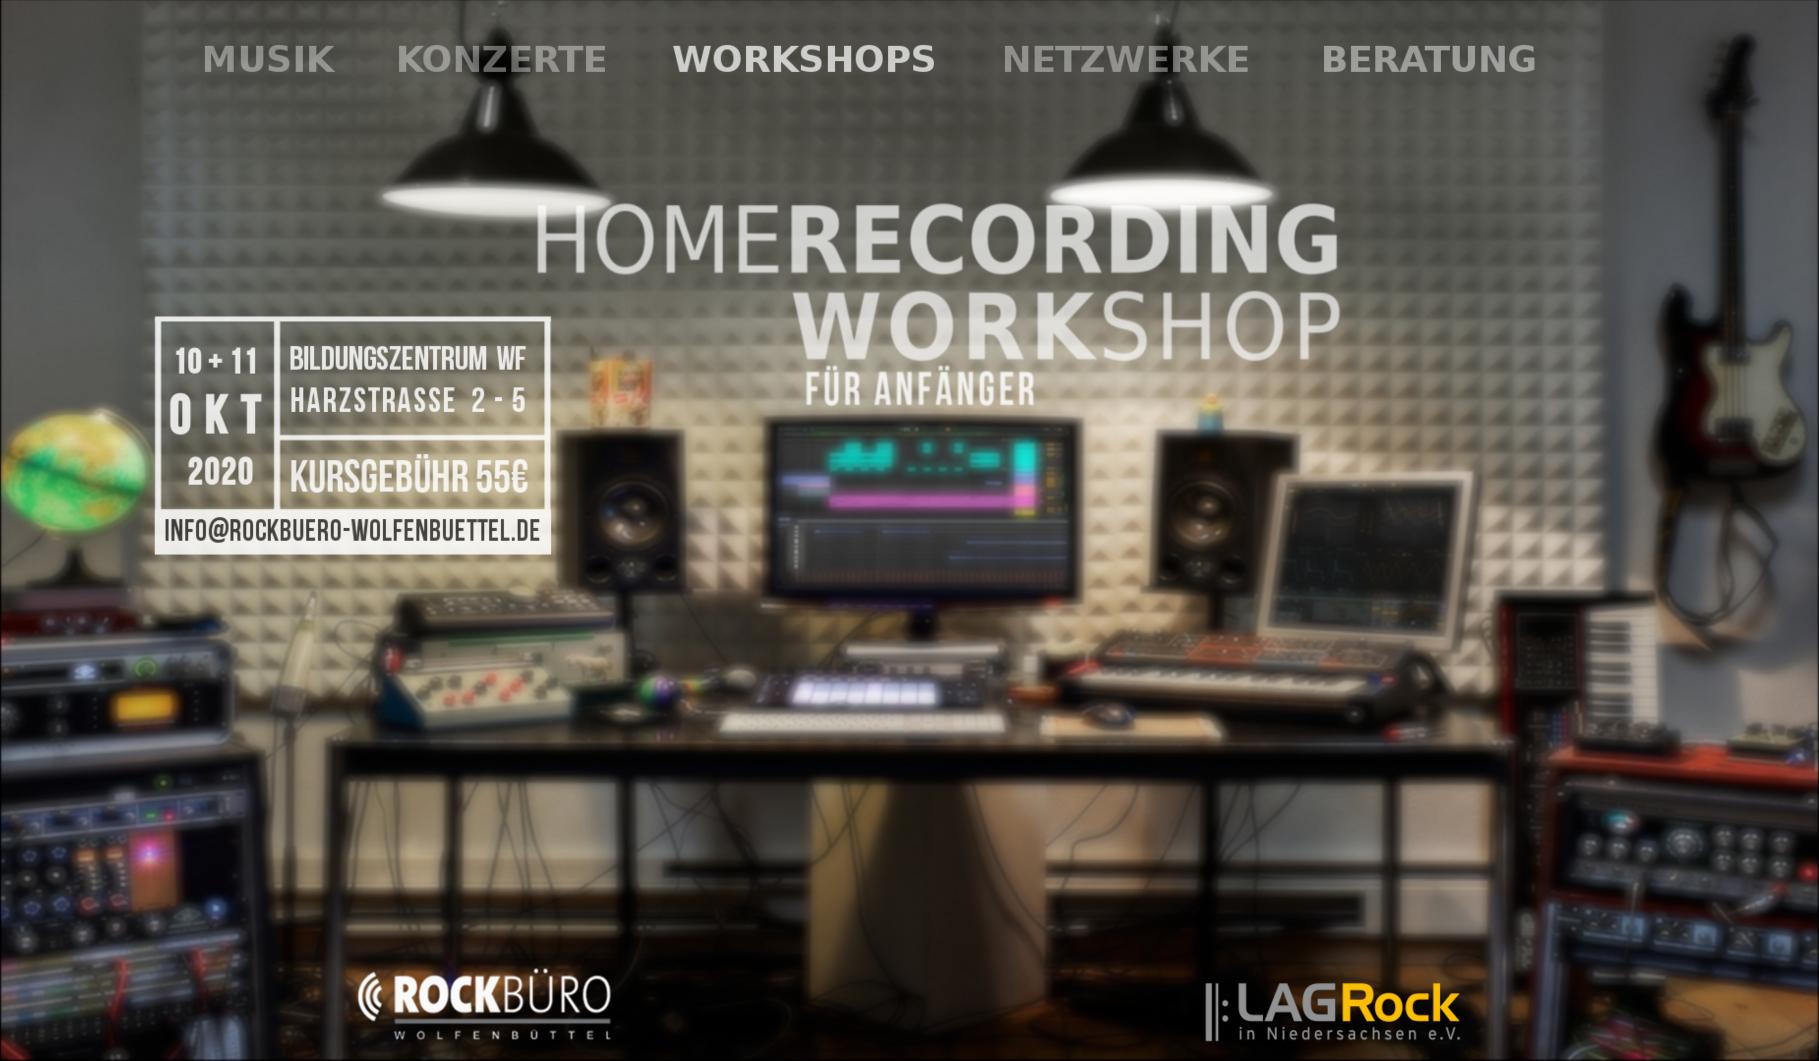 Homerecording Workshop für Anfänger